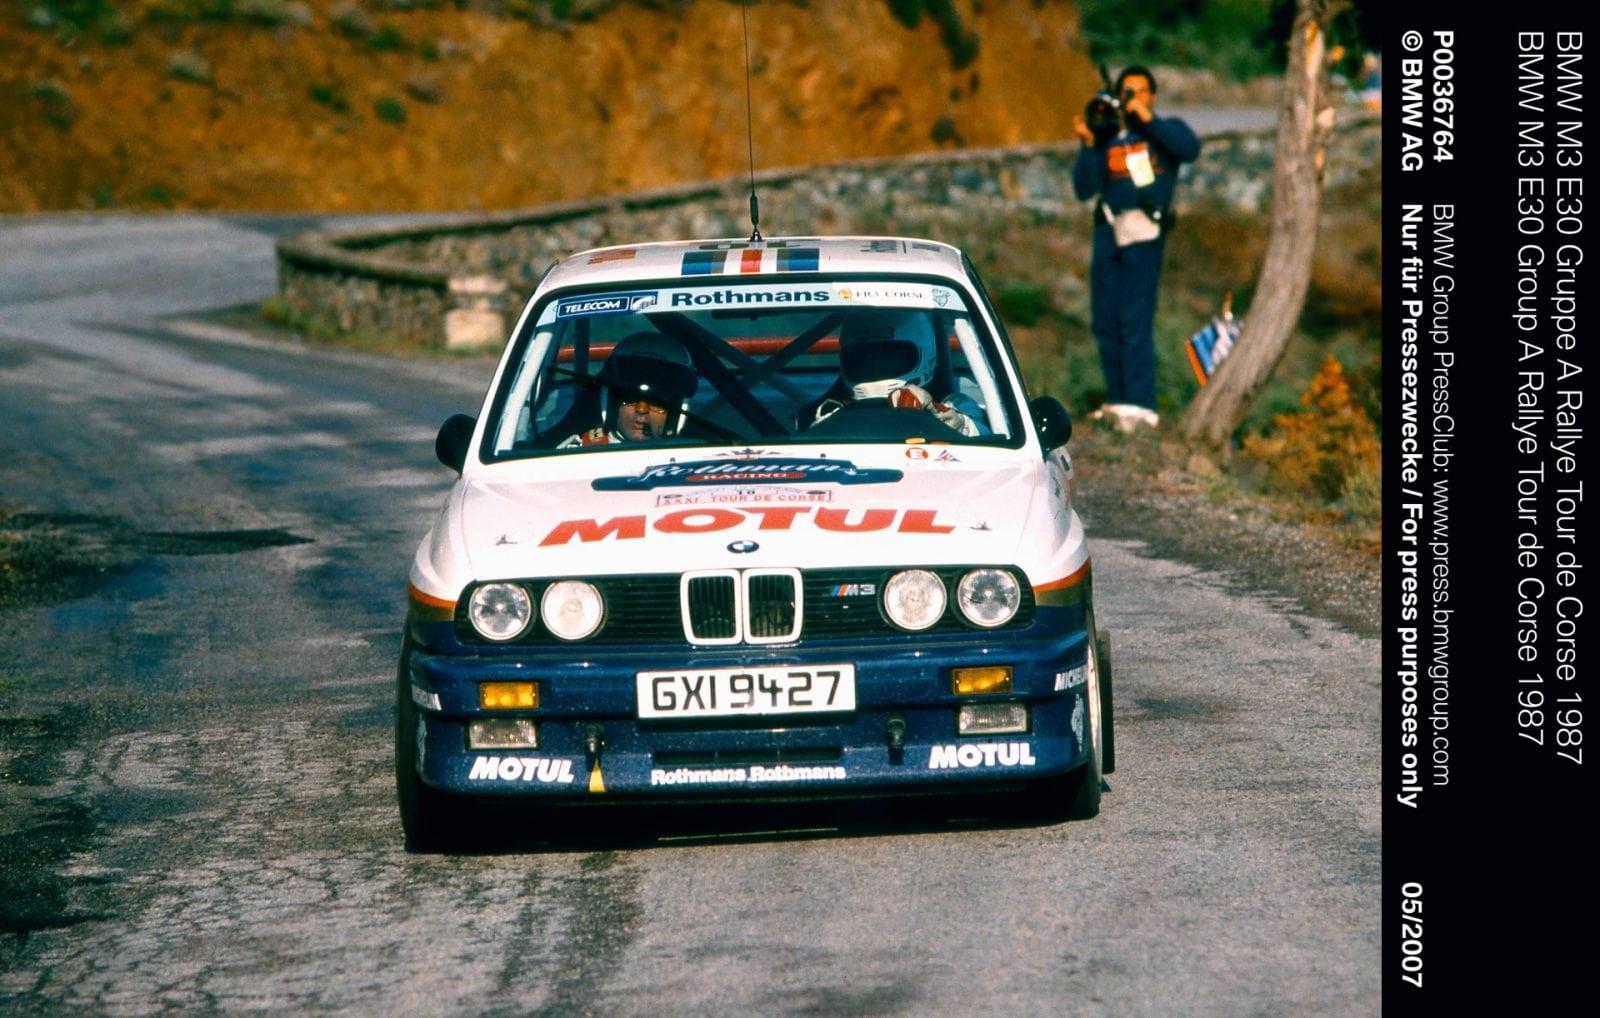 BMW M3 E30 Gruppe A Rallye Tour de Corse 1987